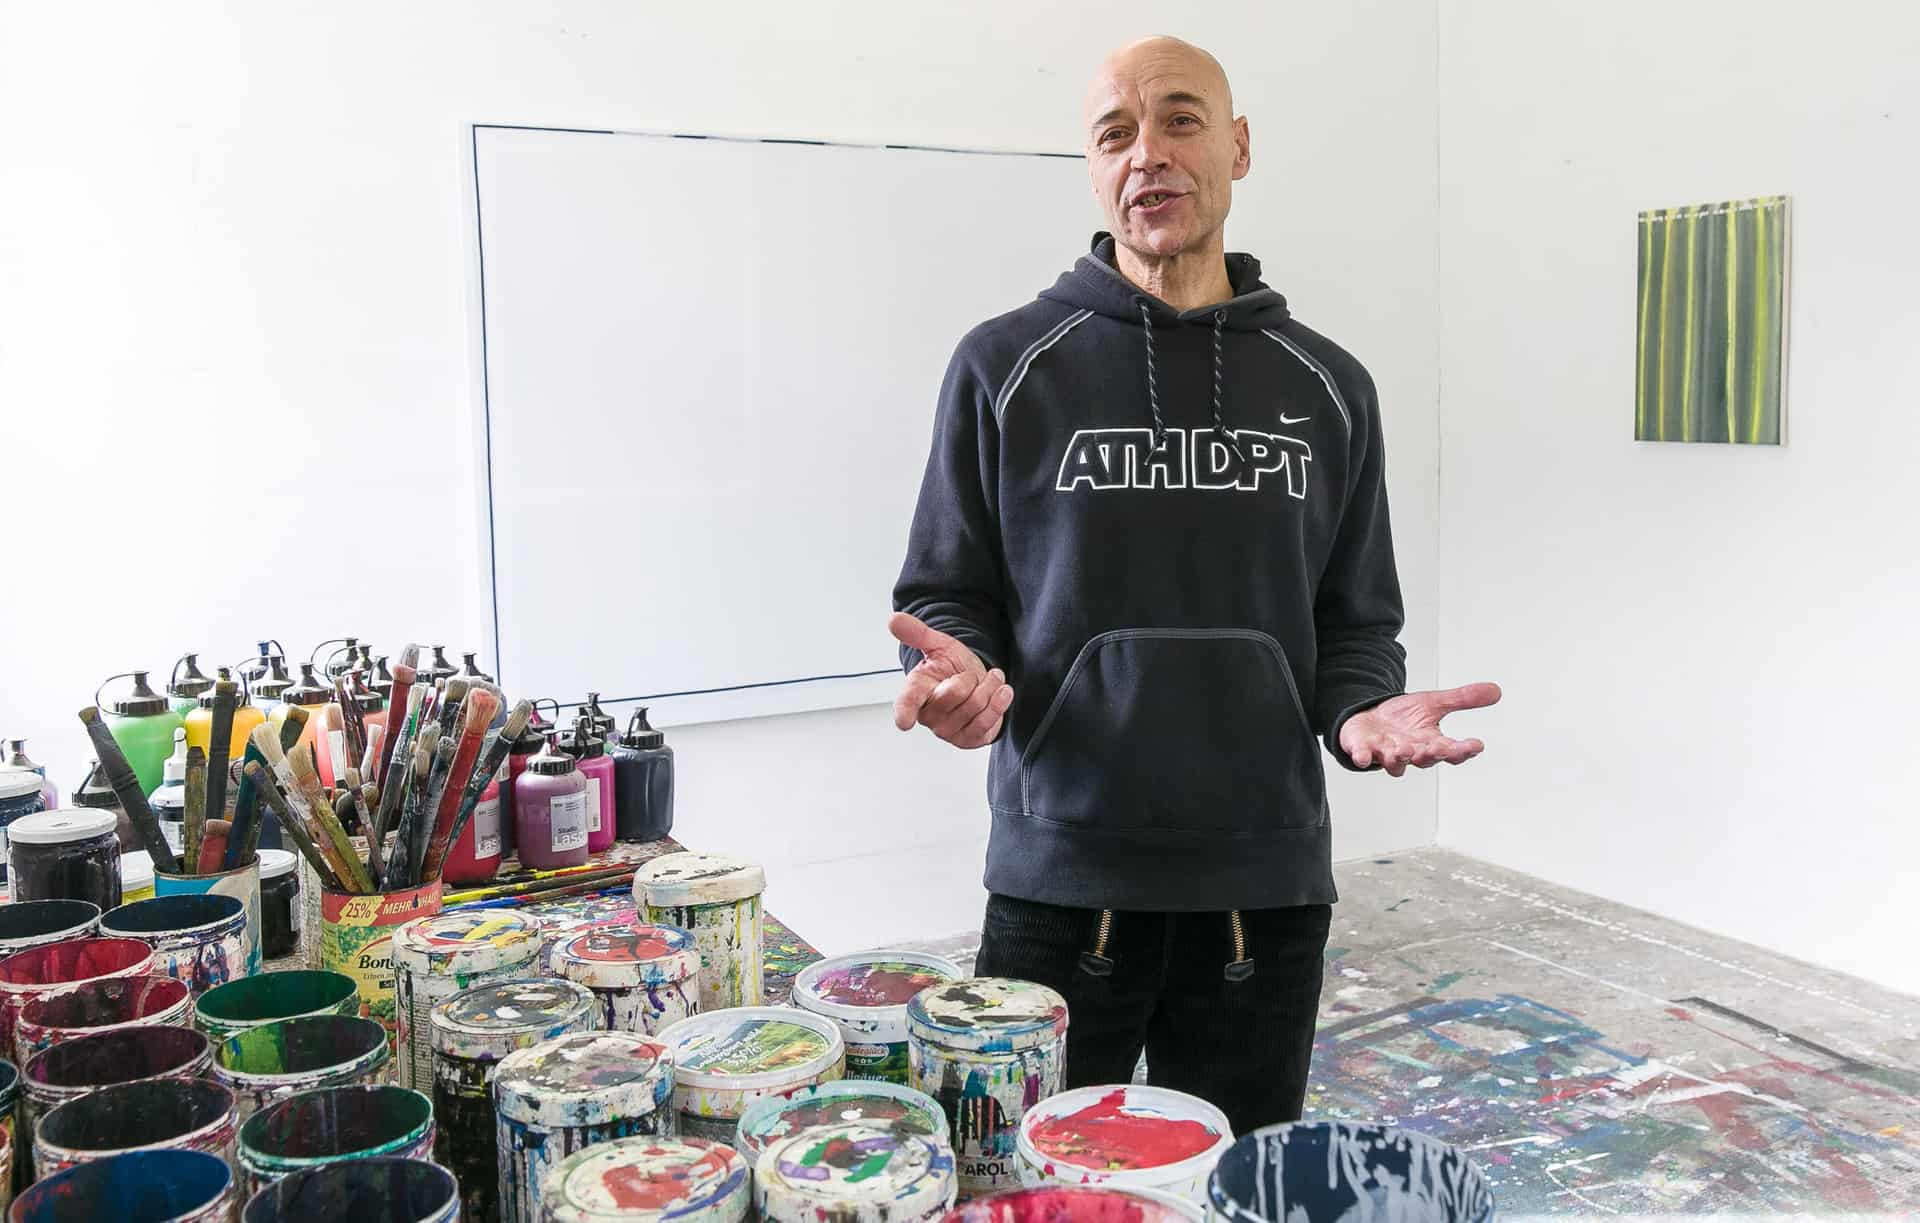 Künstler Braunschweig michael kaul war einer 80 künstlerinnen und künstler die ihr